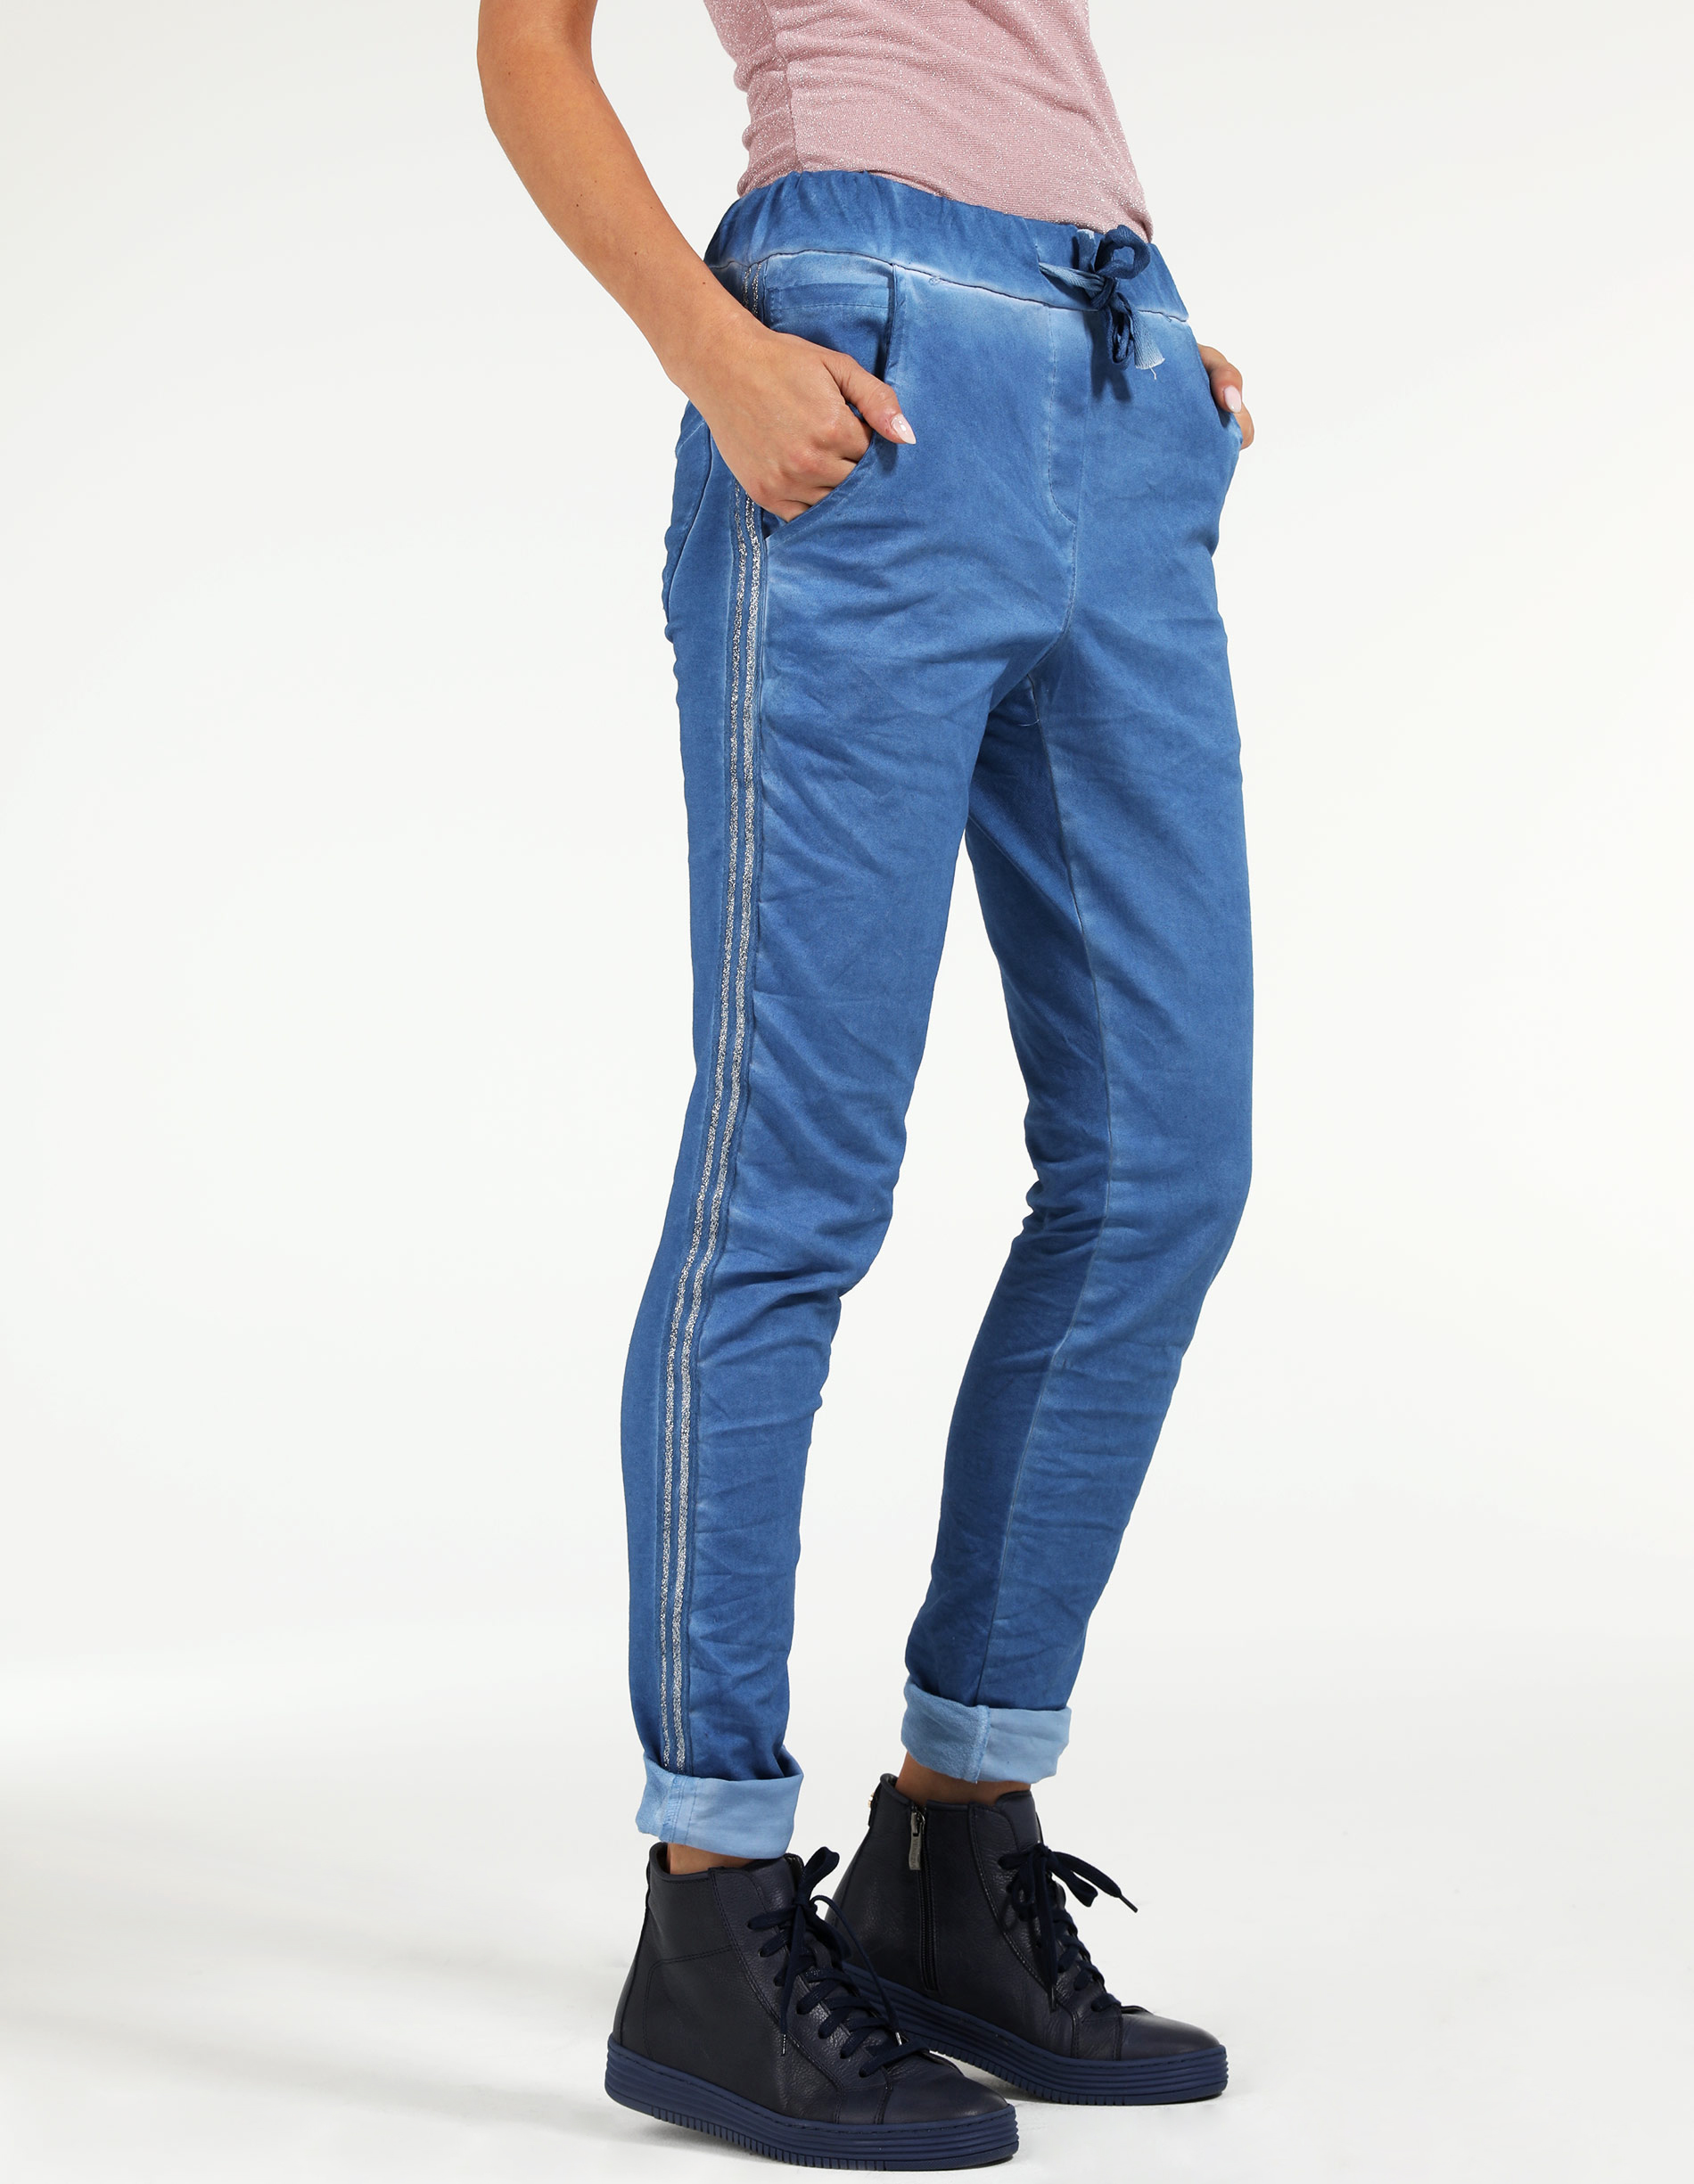 Spodnie - 43-5810 JEANS - Unisono